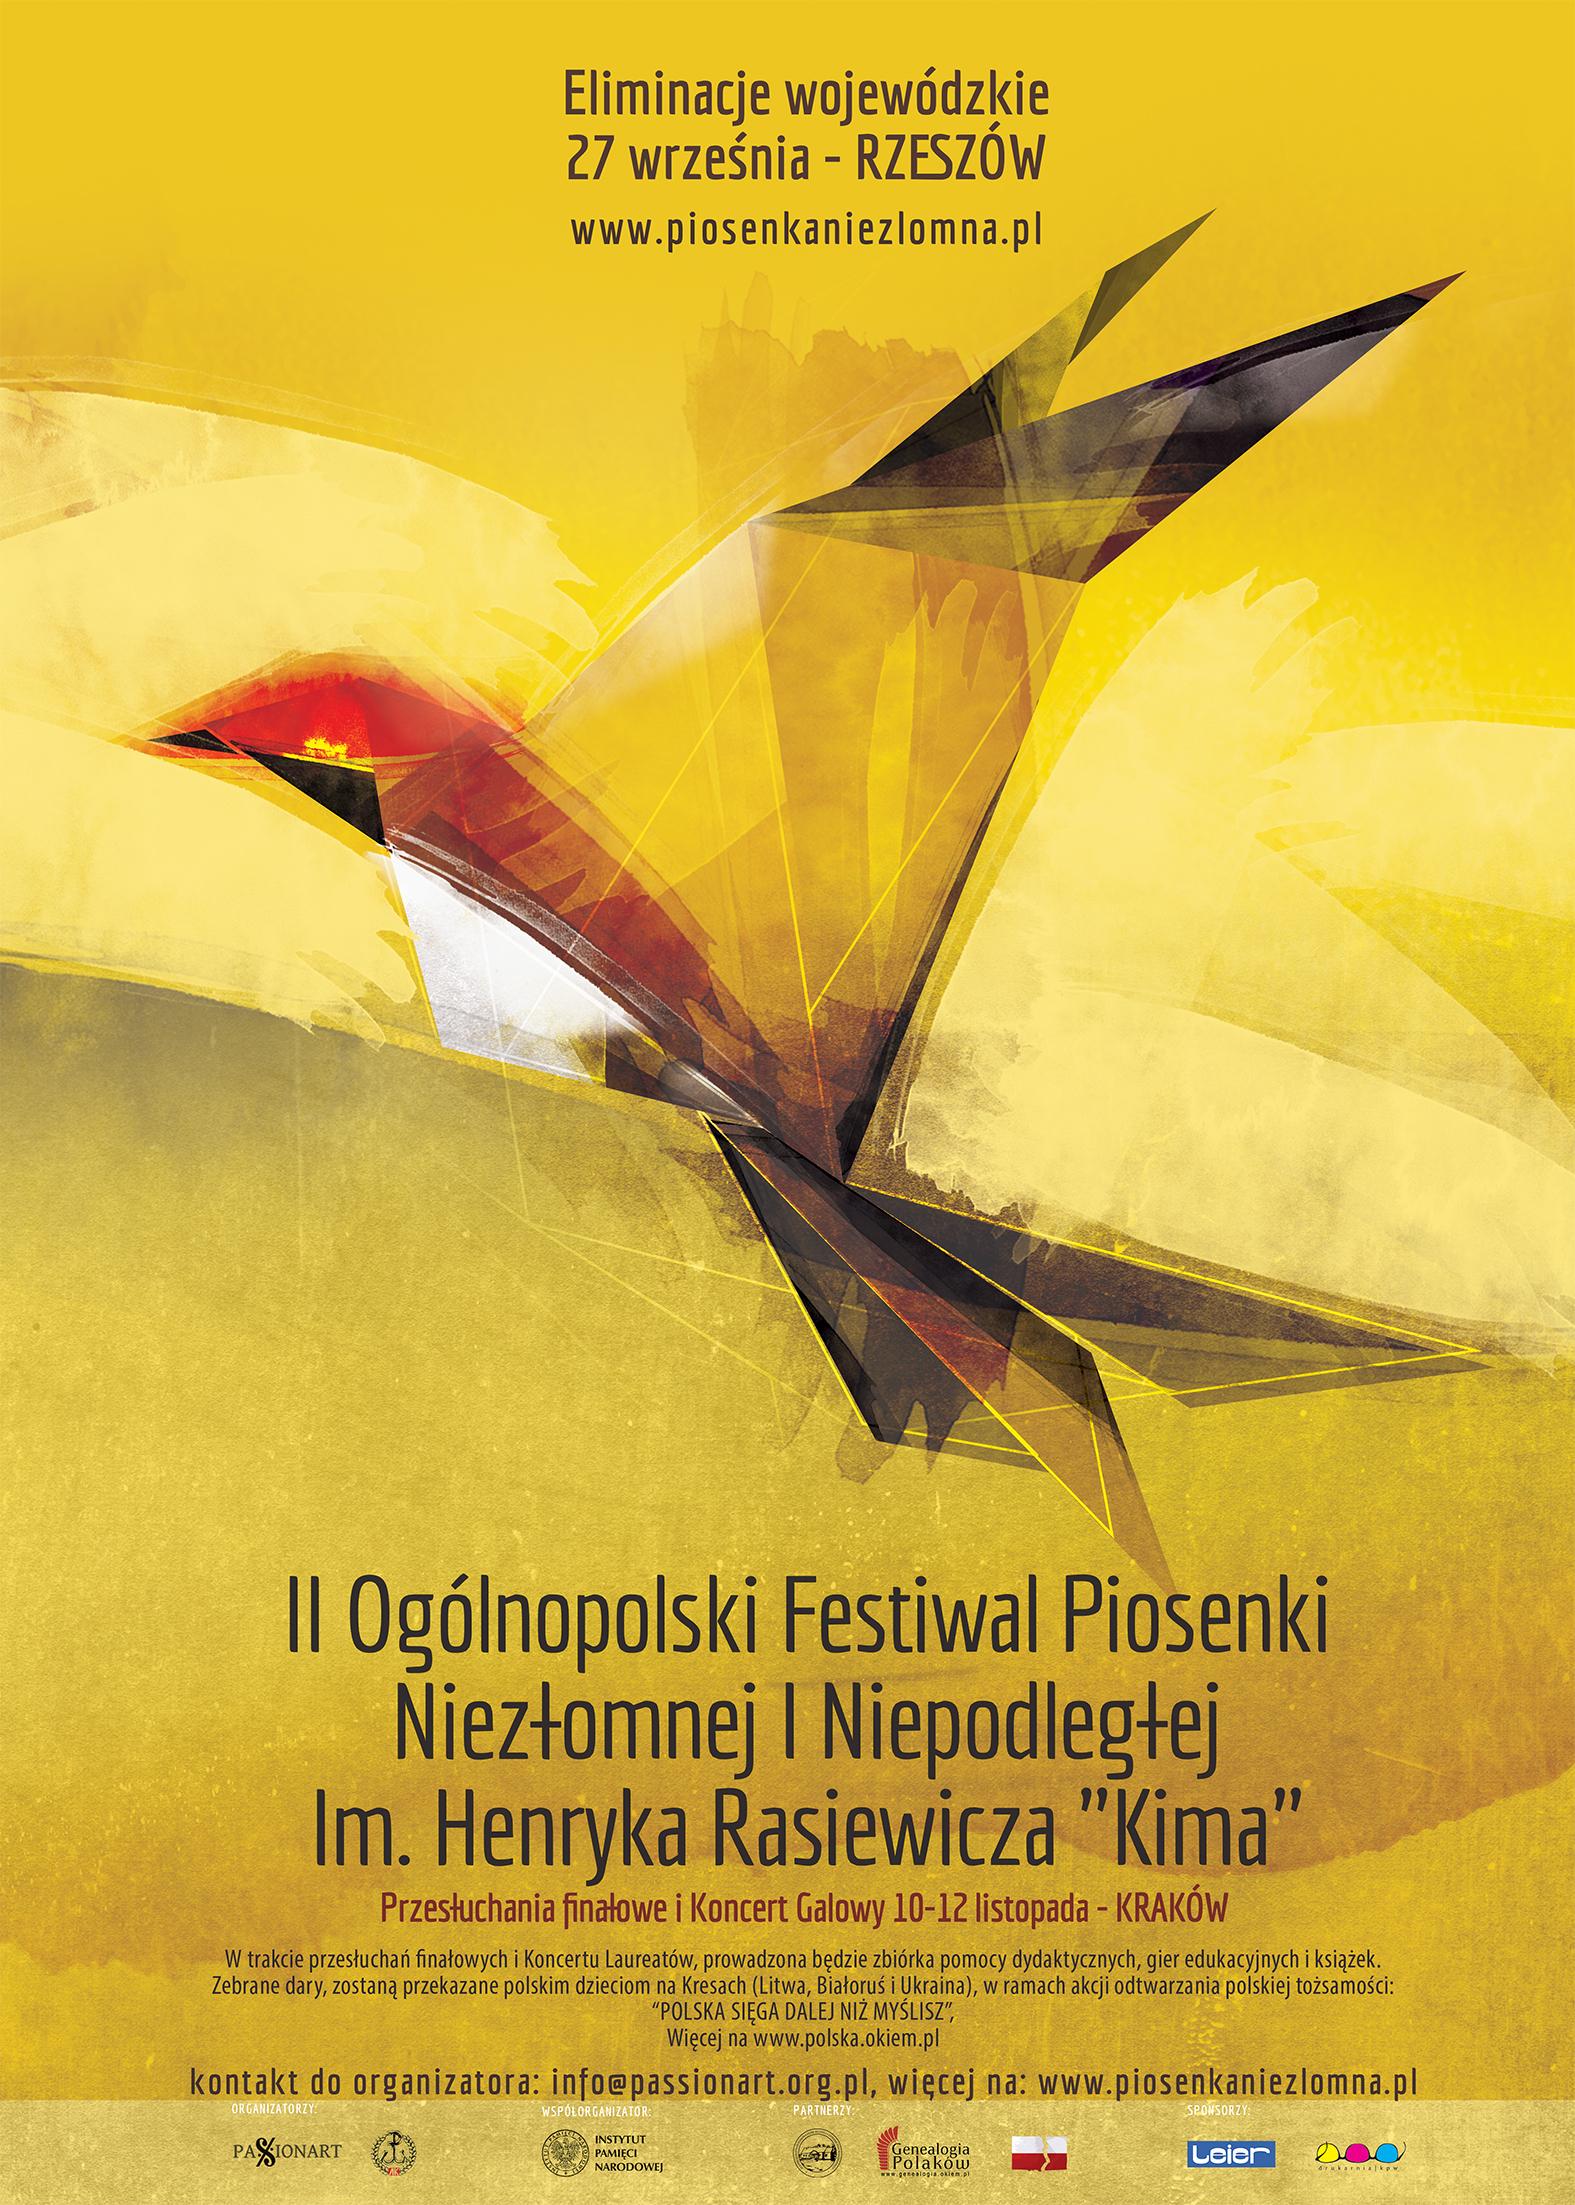 Festiwal Piosenki Niezłomnej i Niepodległej